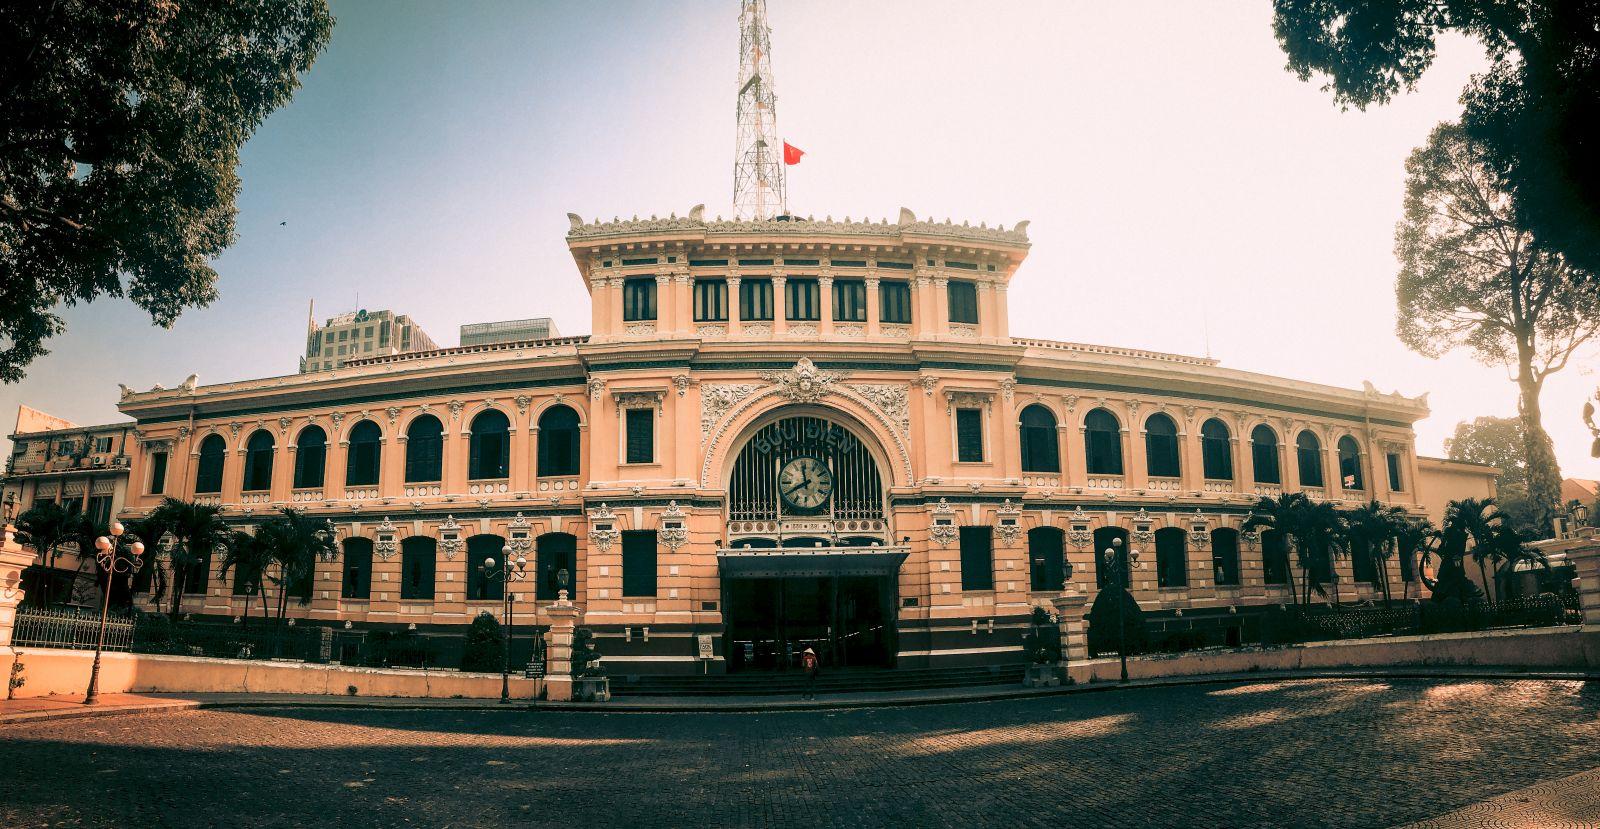 Bưu điện Trung tâm thành phố Hồ Chí Minh